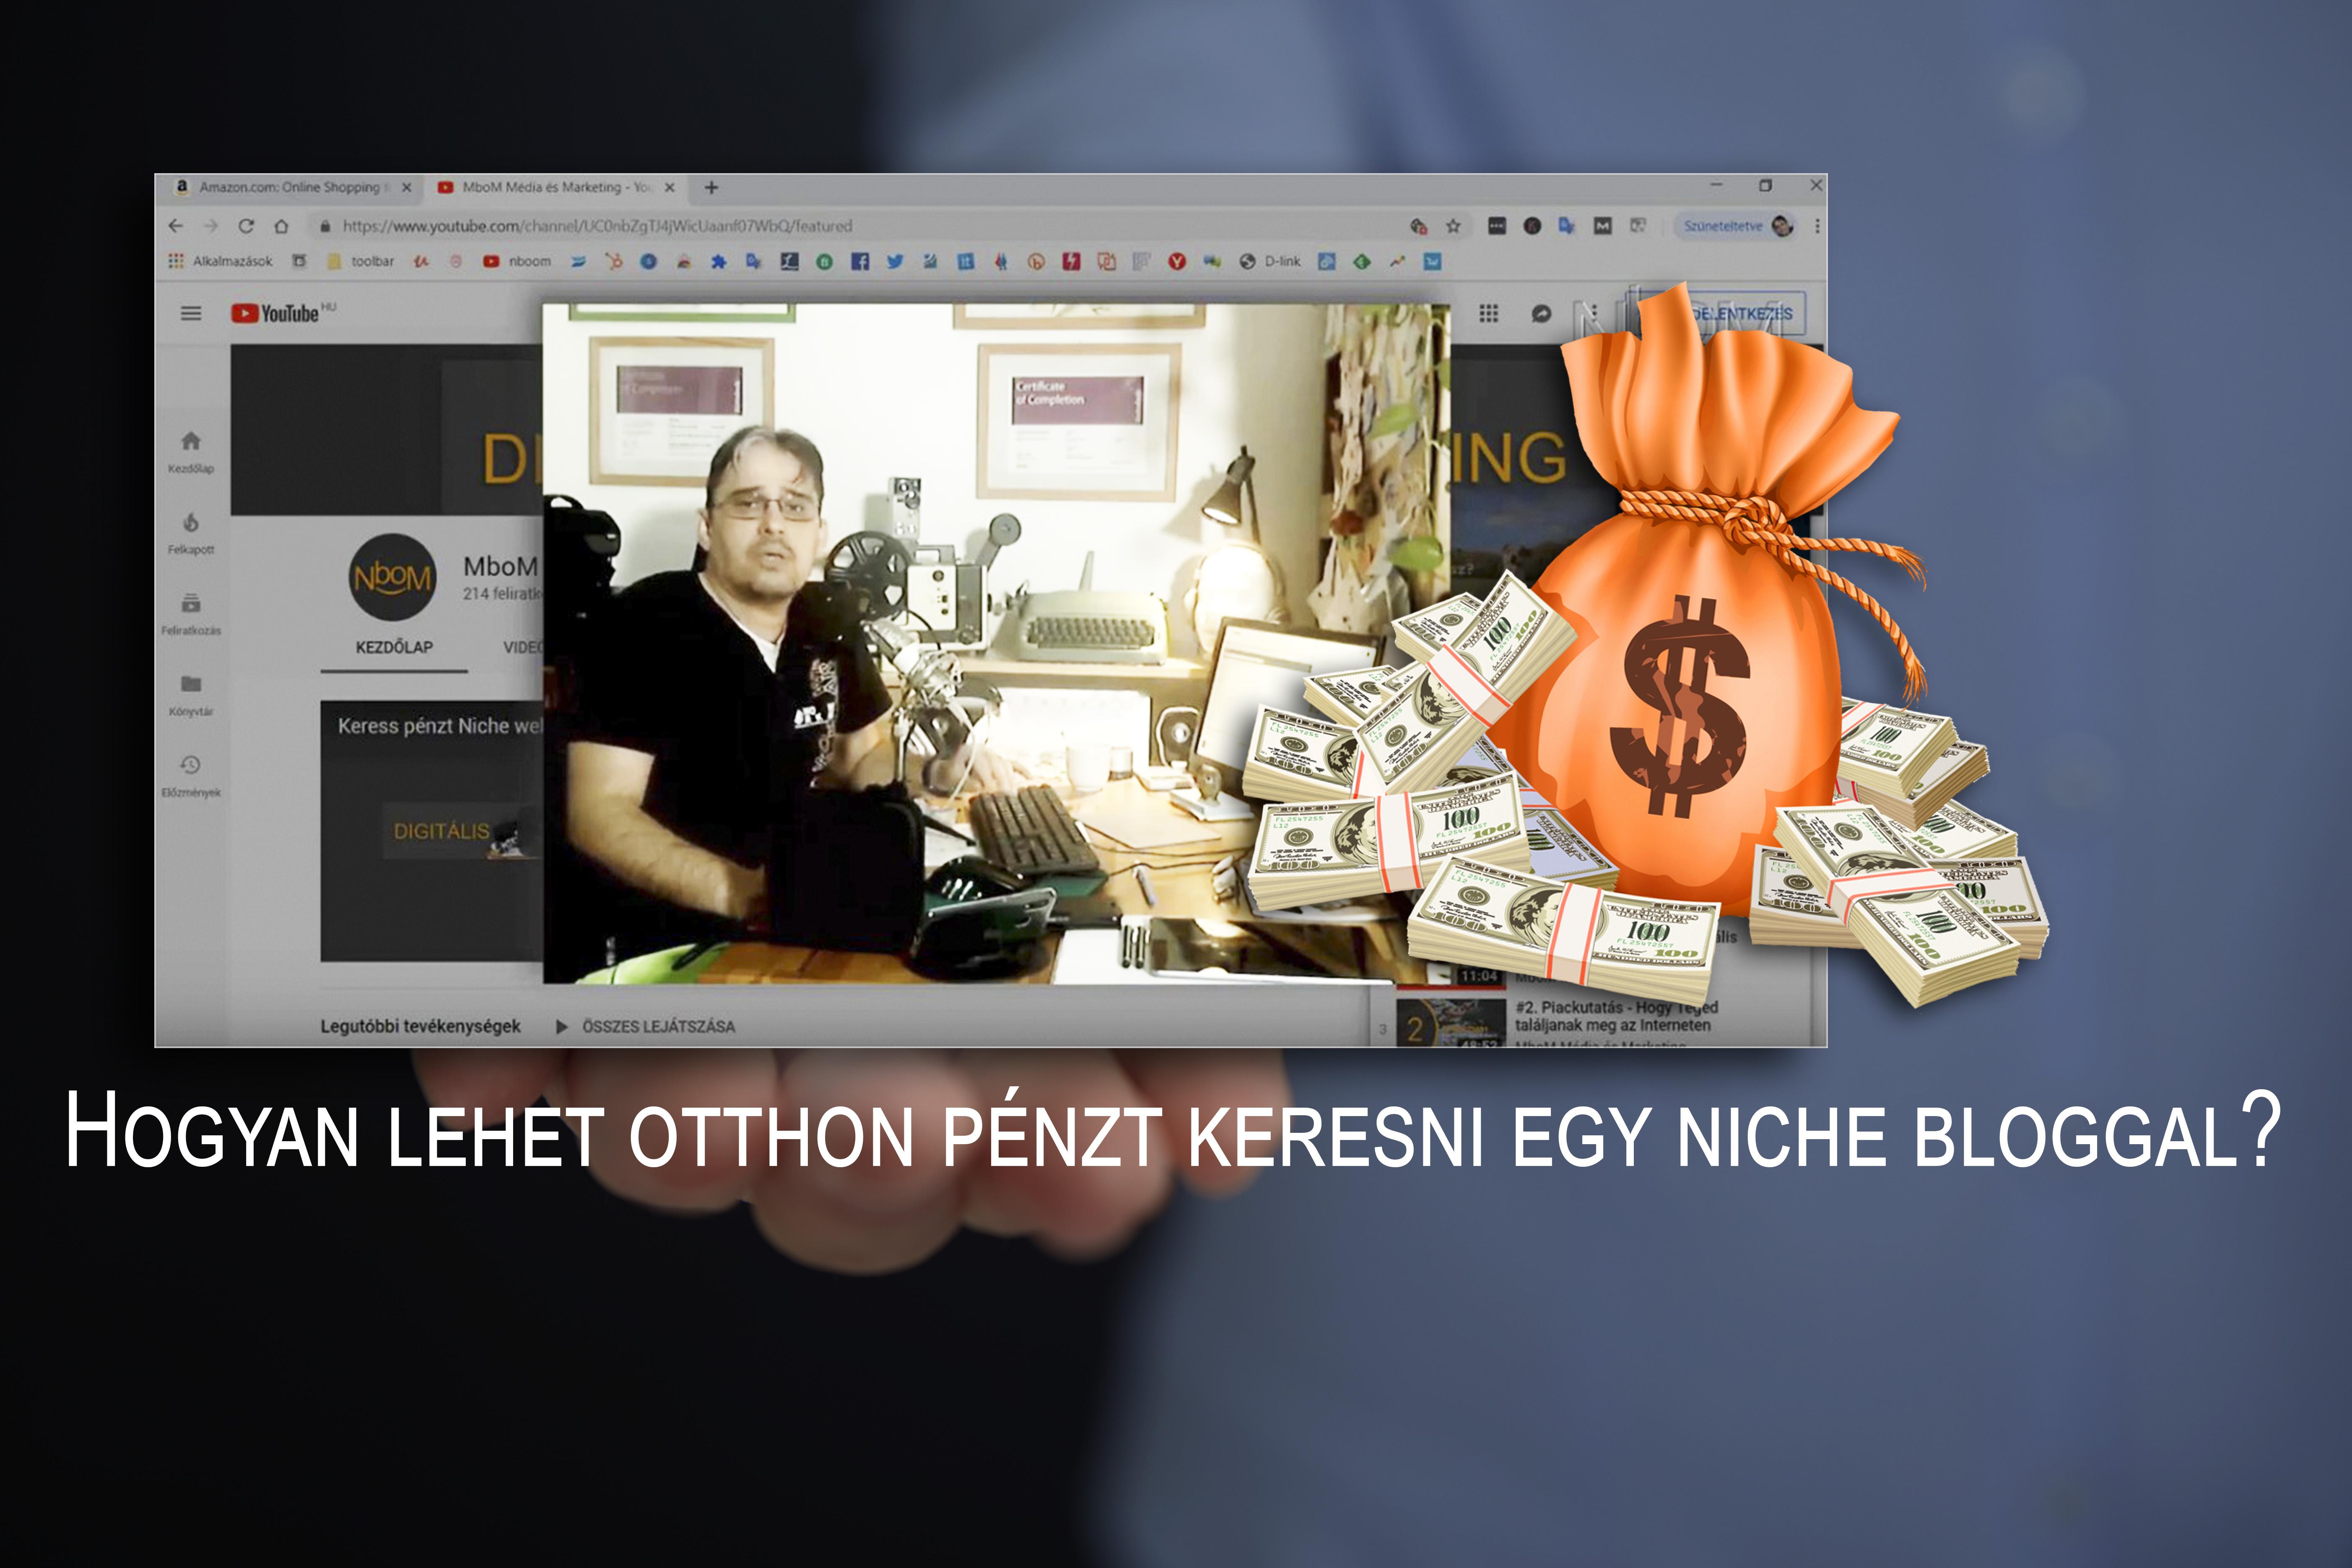 mondja meg, hogyan lehet pénzt keresni)